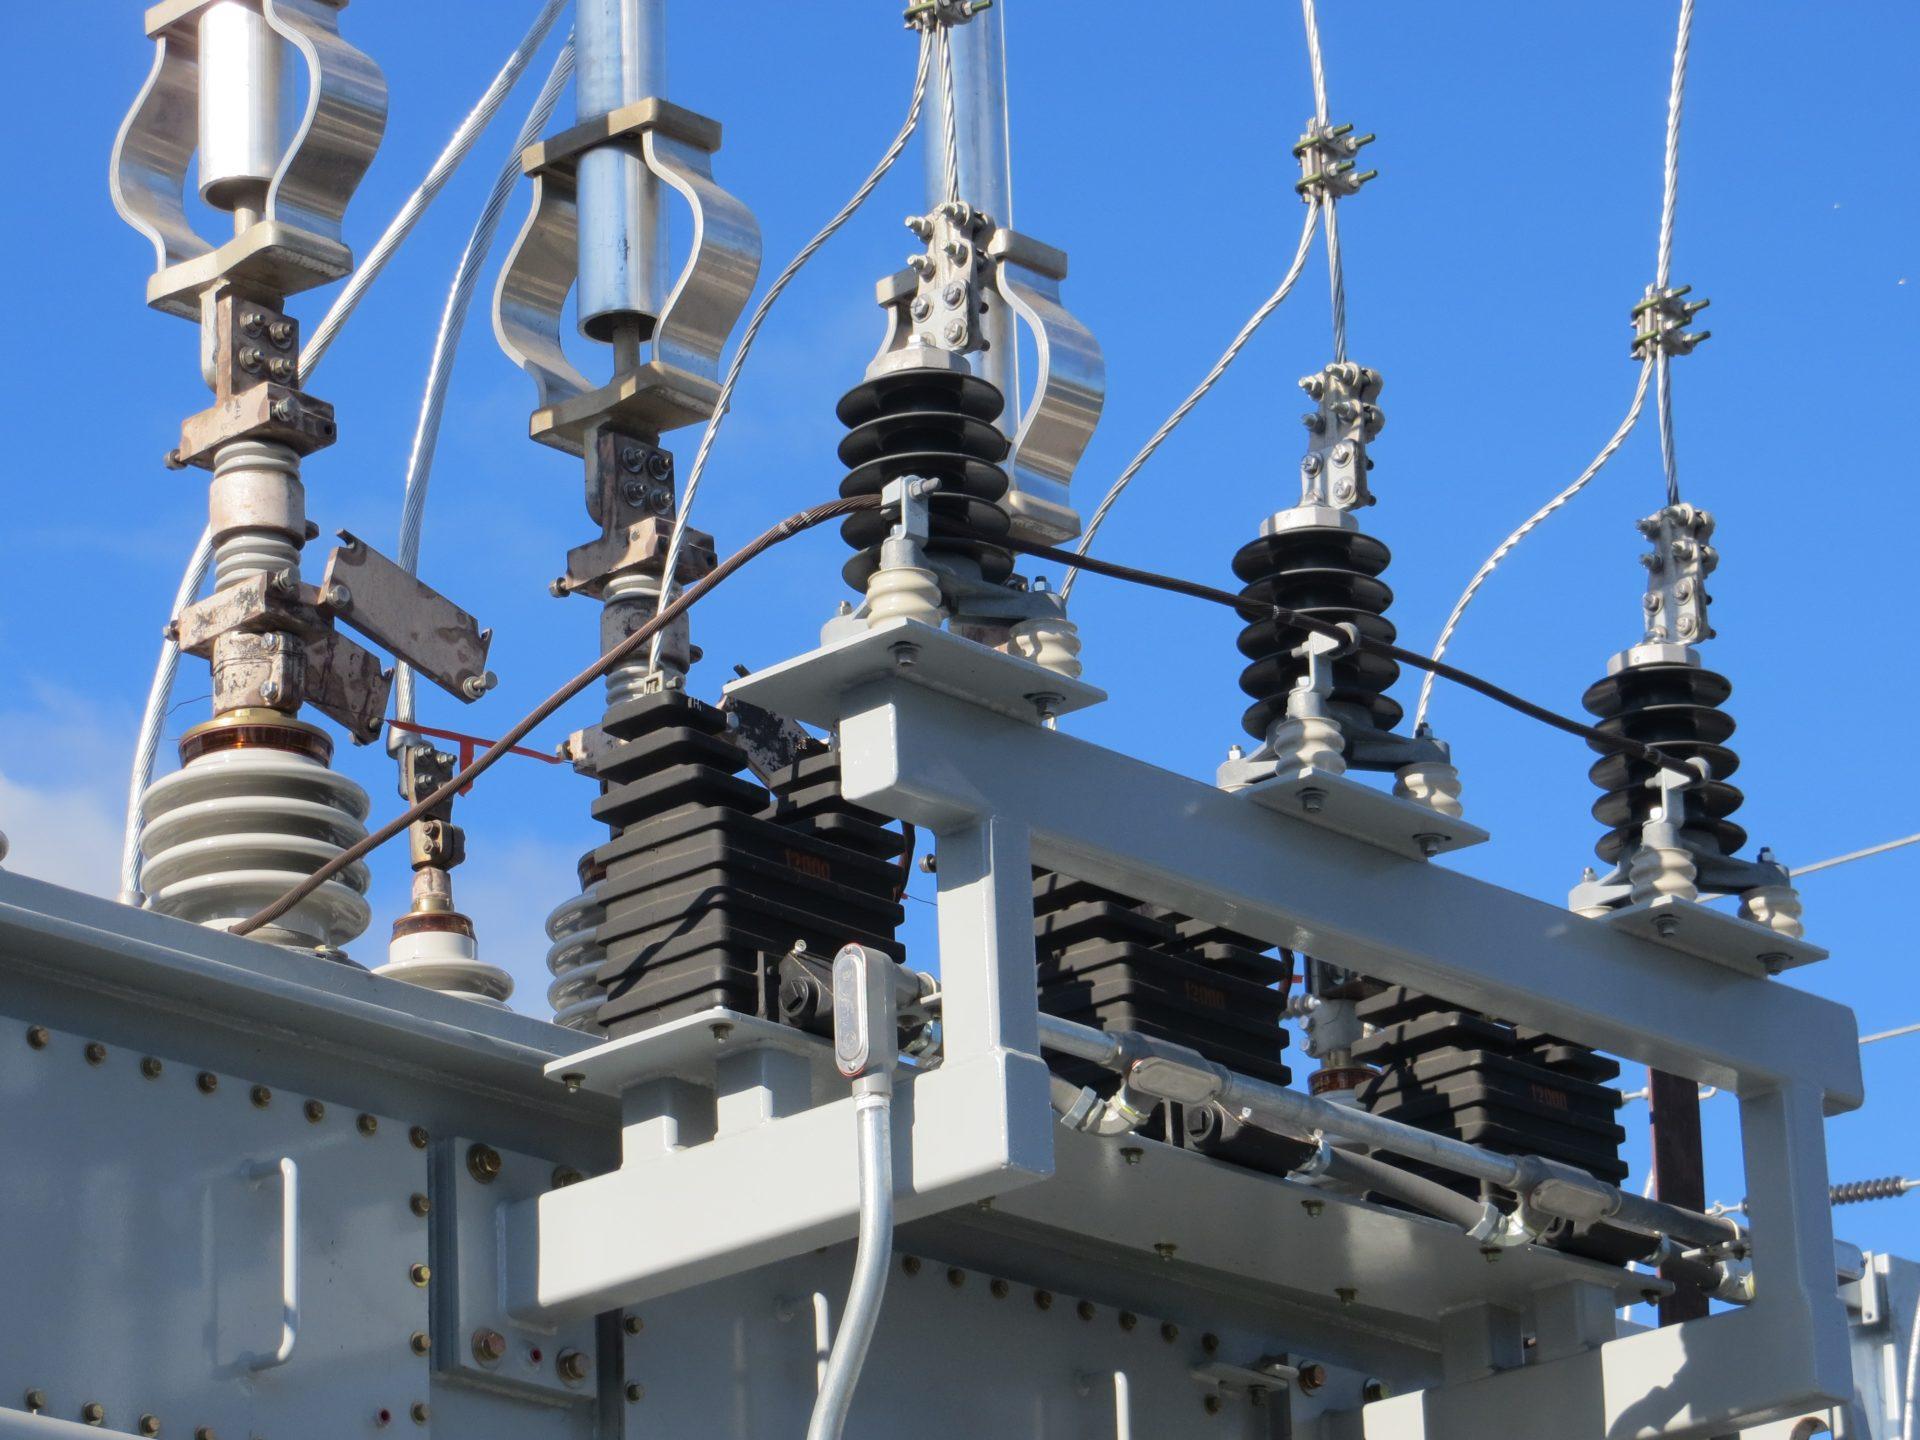 Stockage de l'électricité dans la transition énergétique : est-ce pour aujourd'hui ou pour demain ?